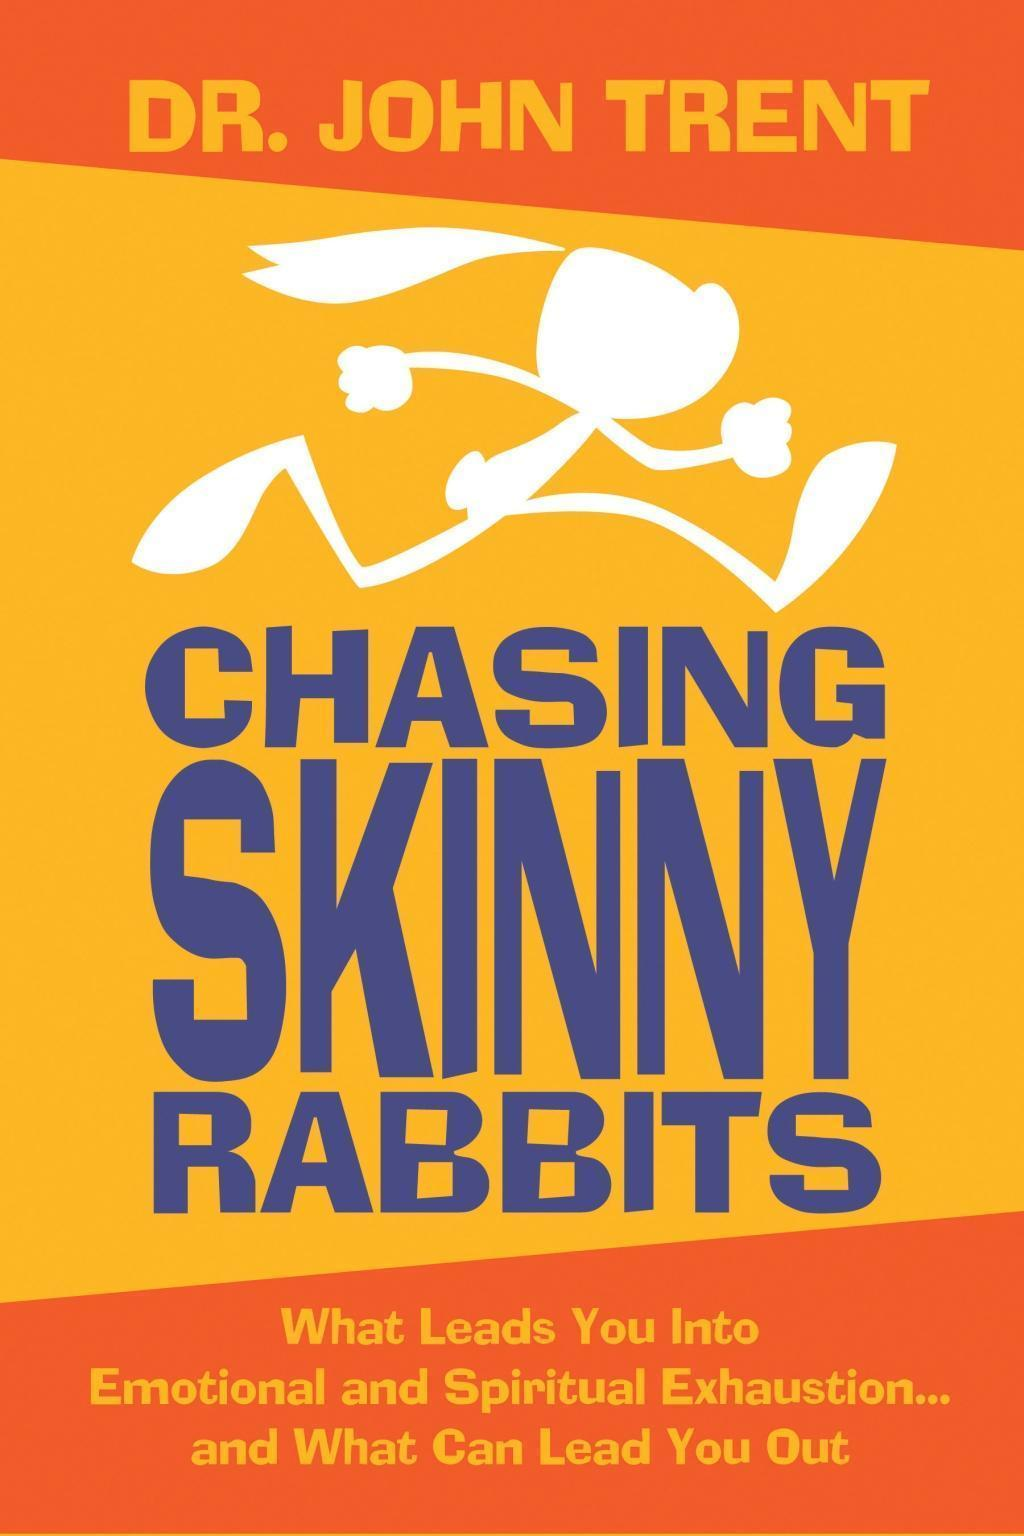 Chasing Skinny Rabbits